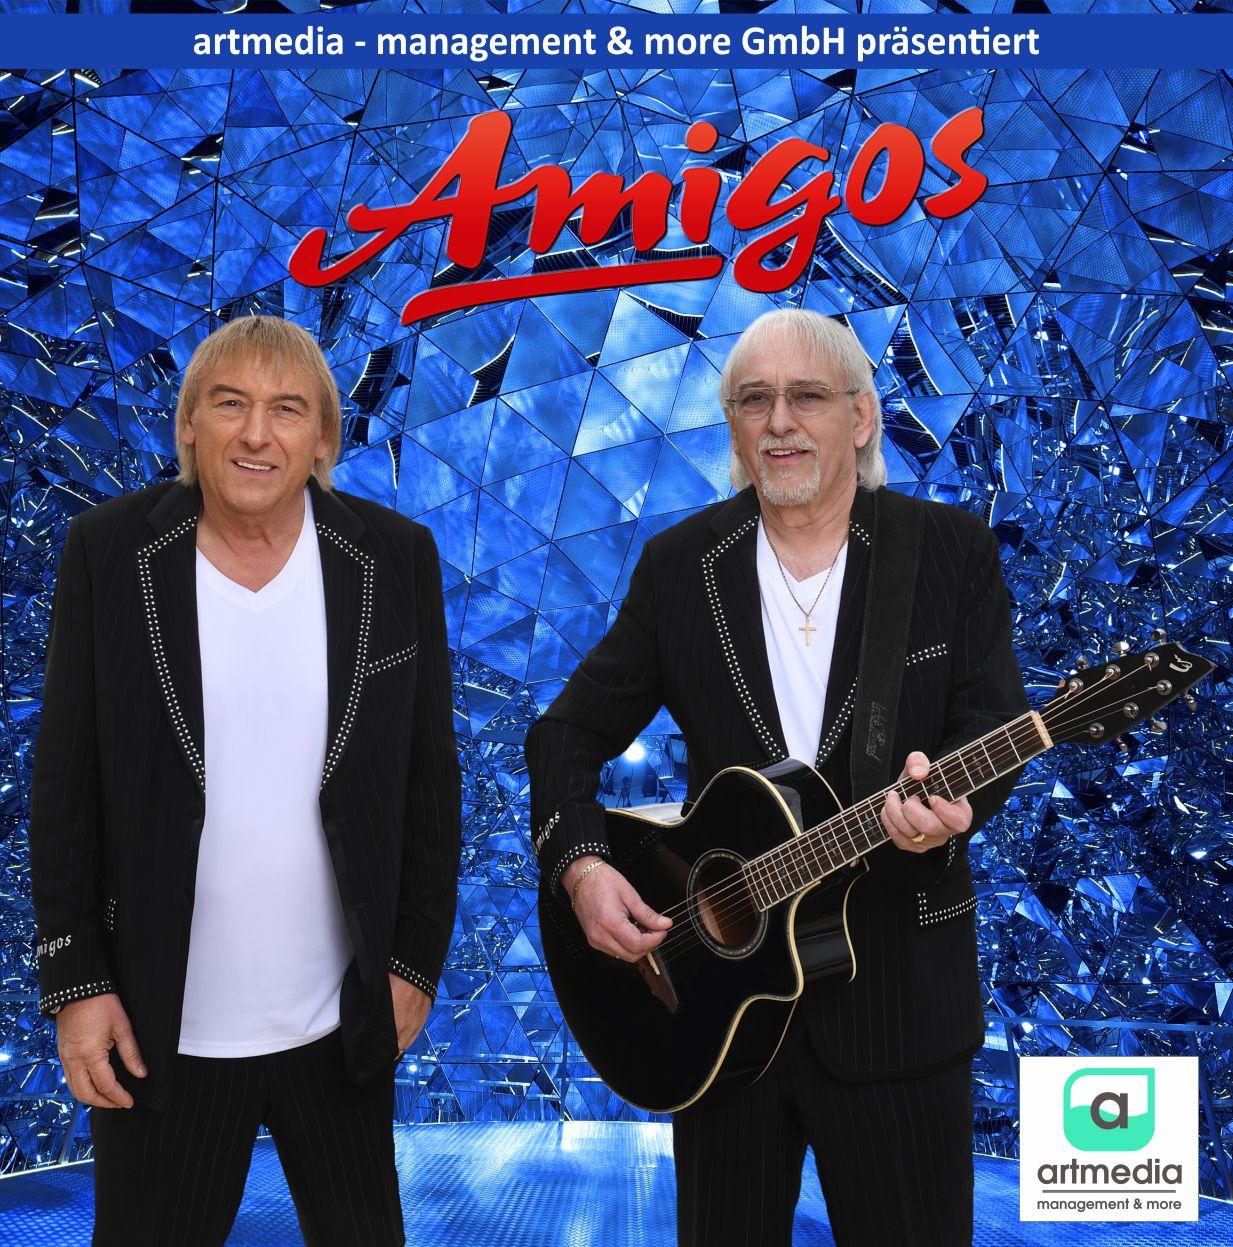 AMIGOS * artmedia – management & more GmbH präsentiert: die AMIGOS im Süden (Tour-Termine)